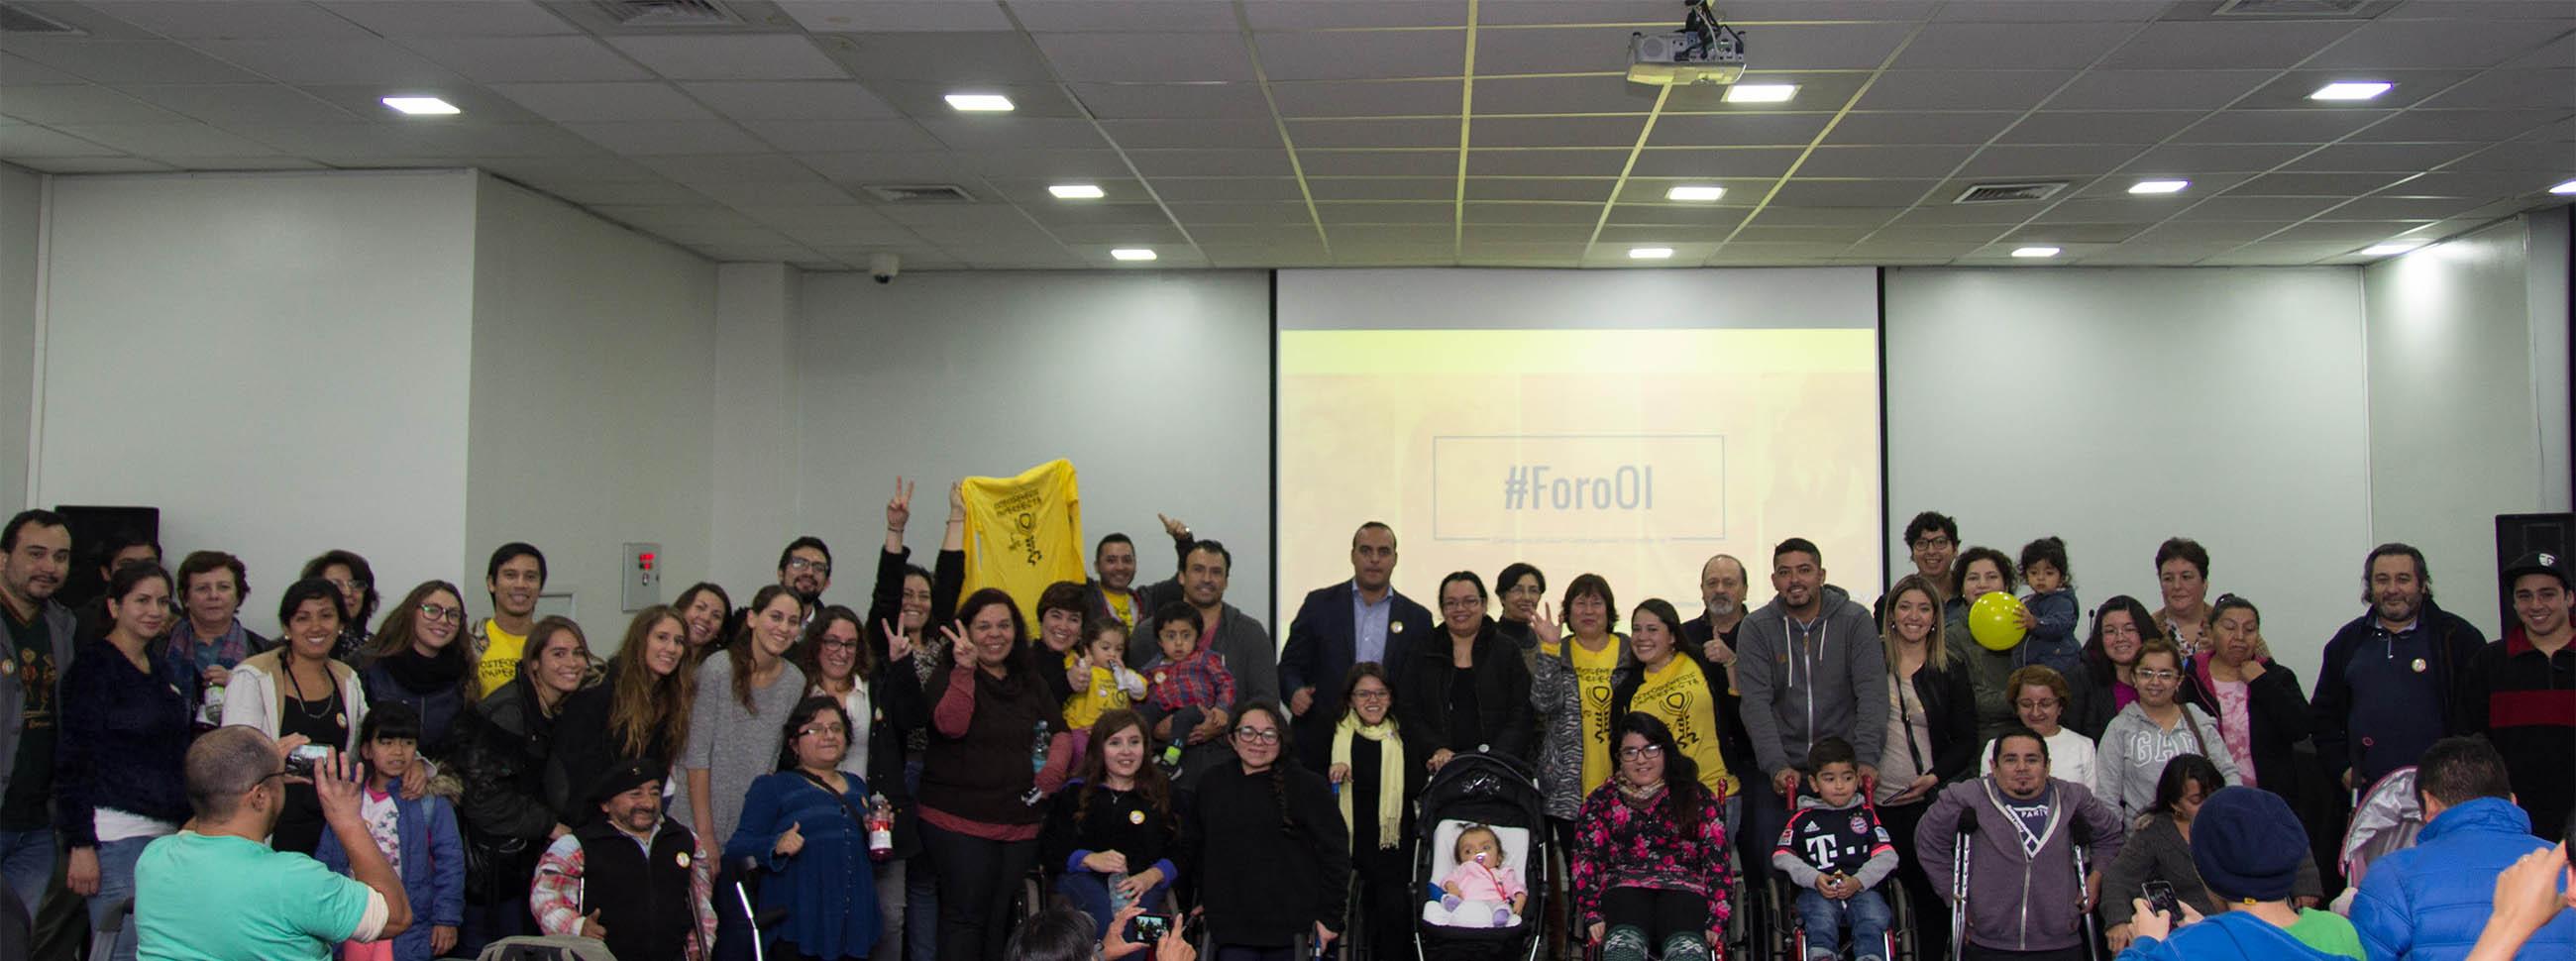 Finalización campaña y #ForoOI 2016